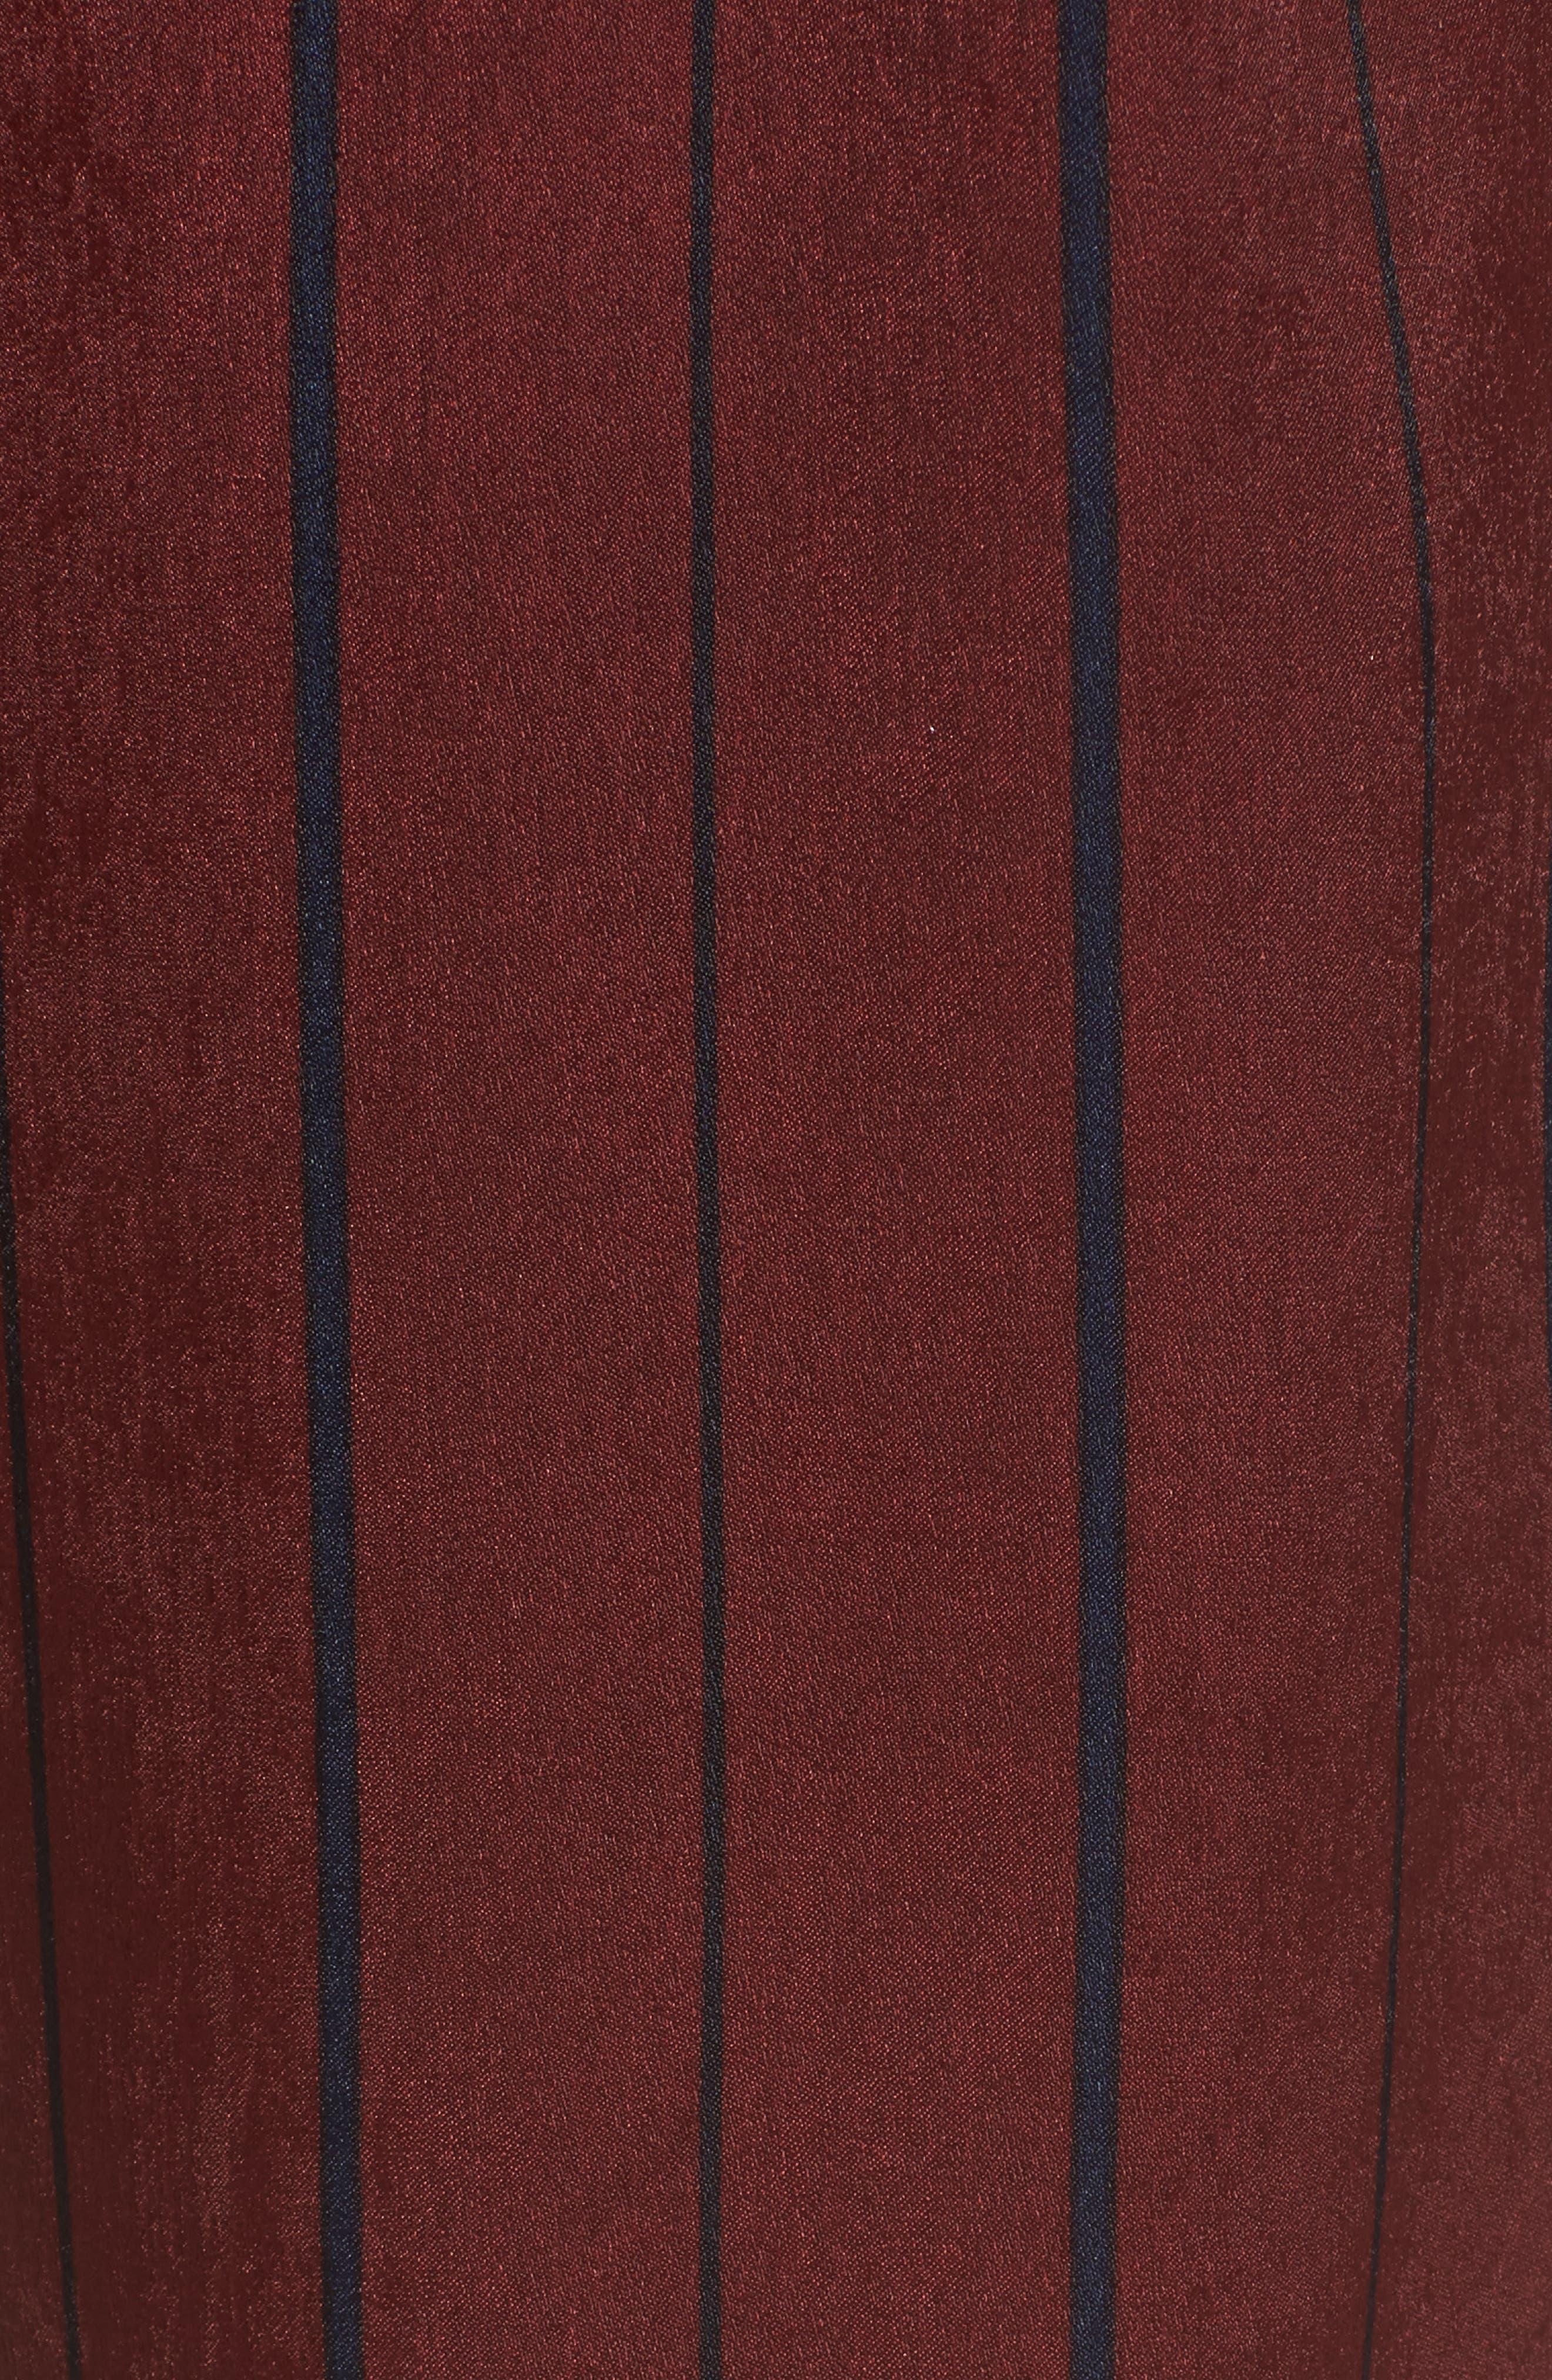 Stripe Crop Pants,                             Alternate thumbnail 5, color,                             930